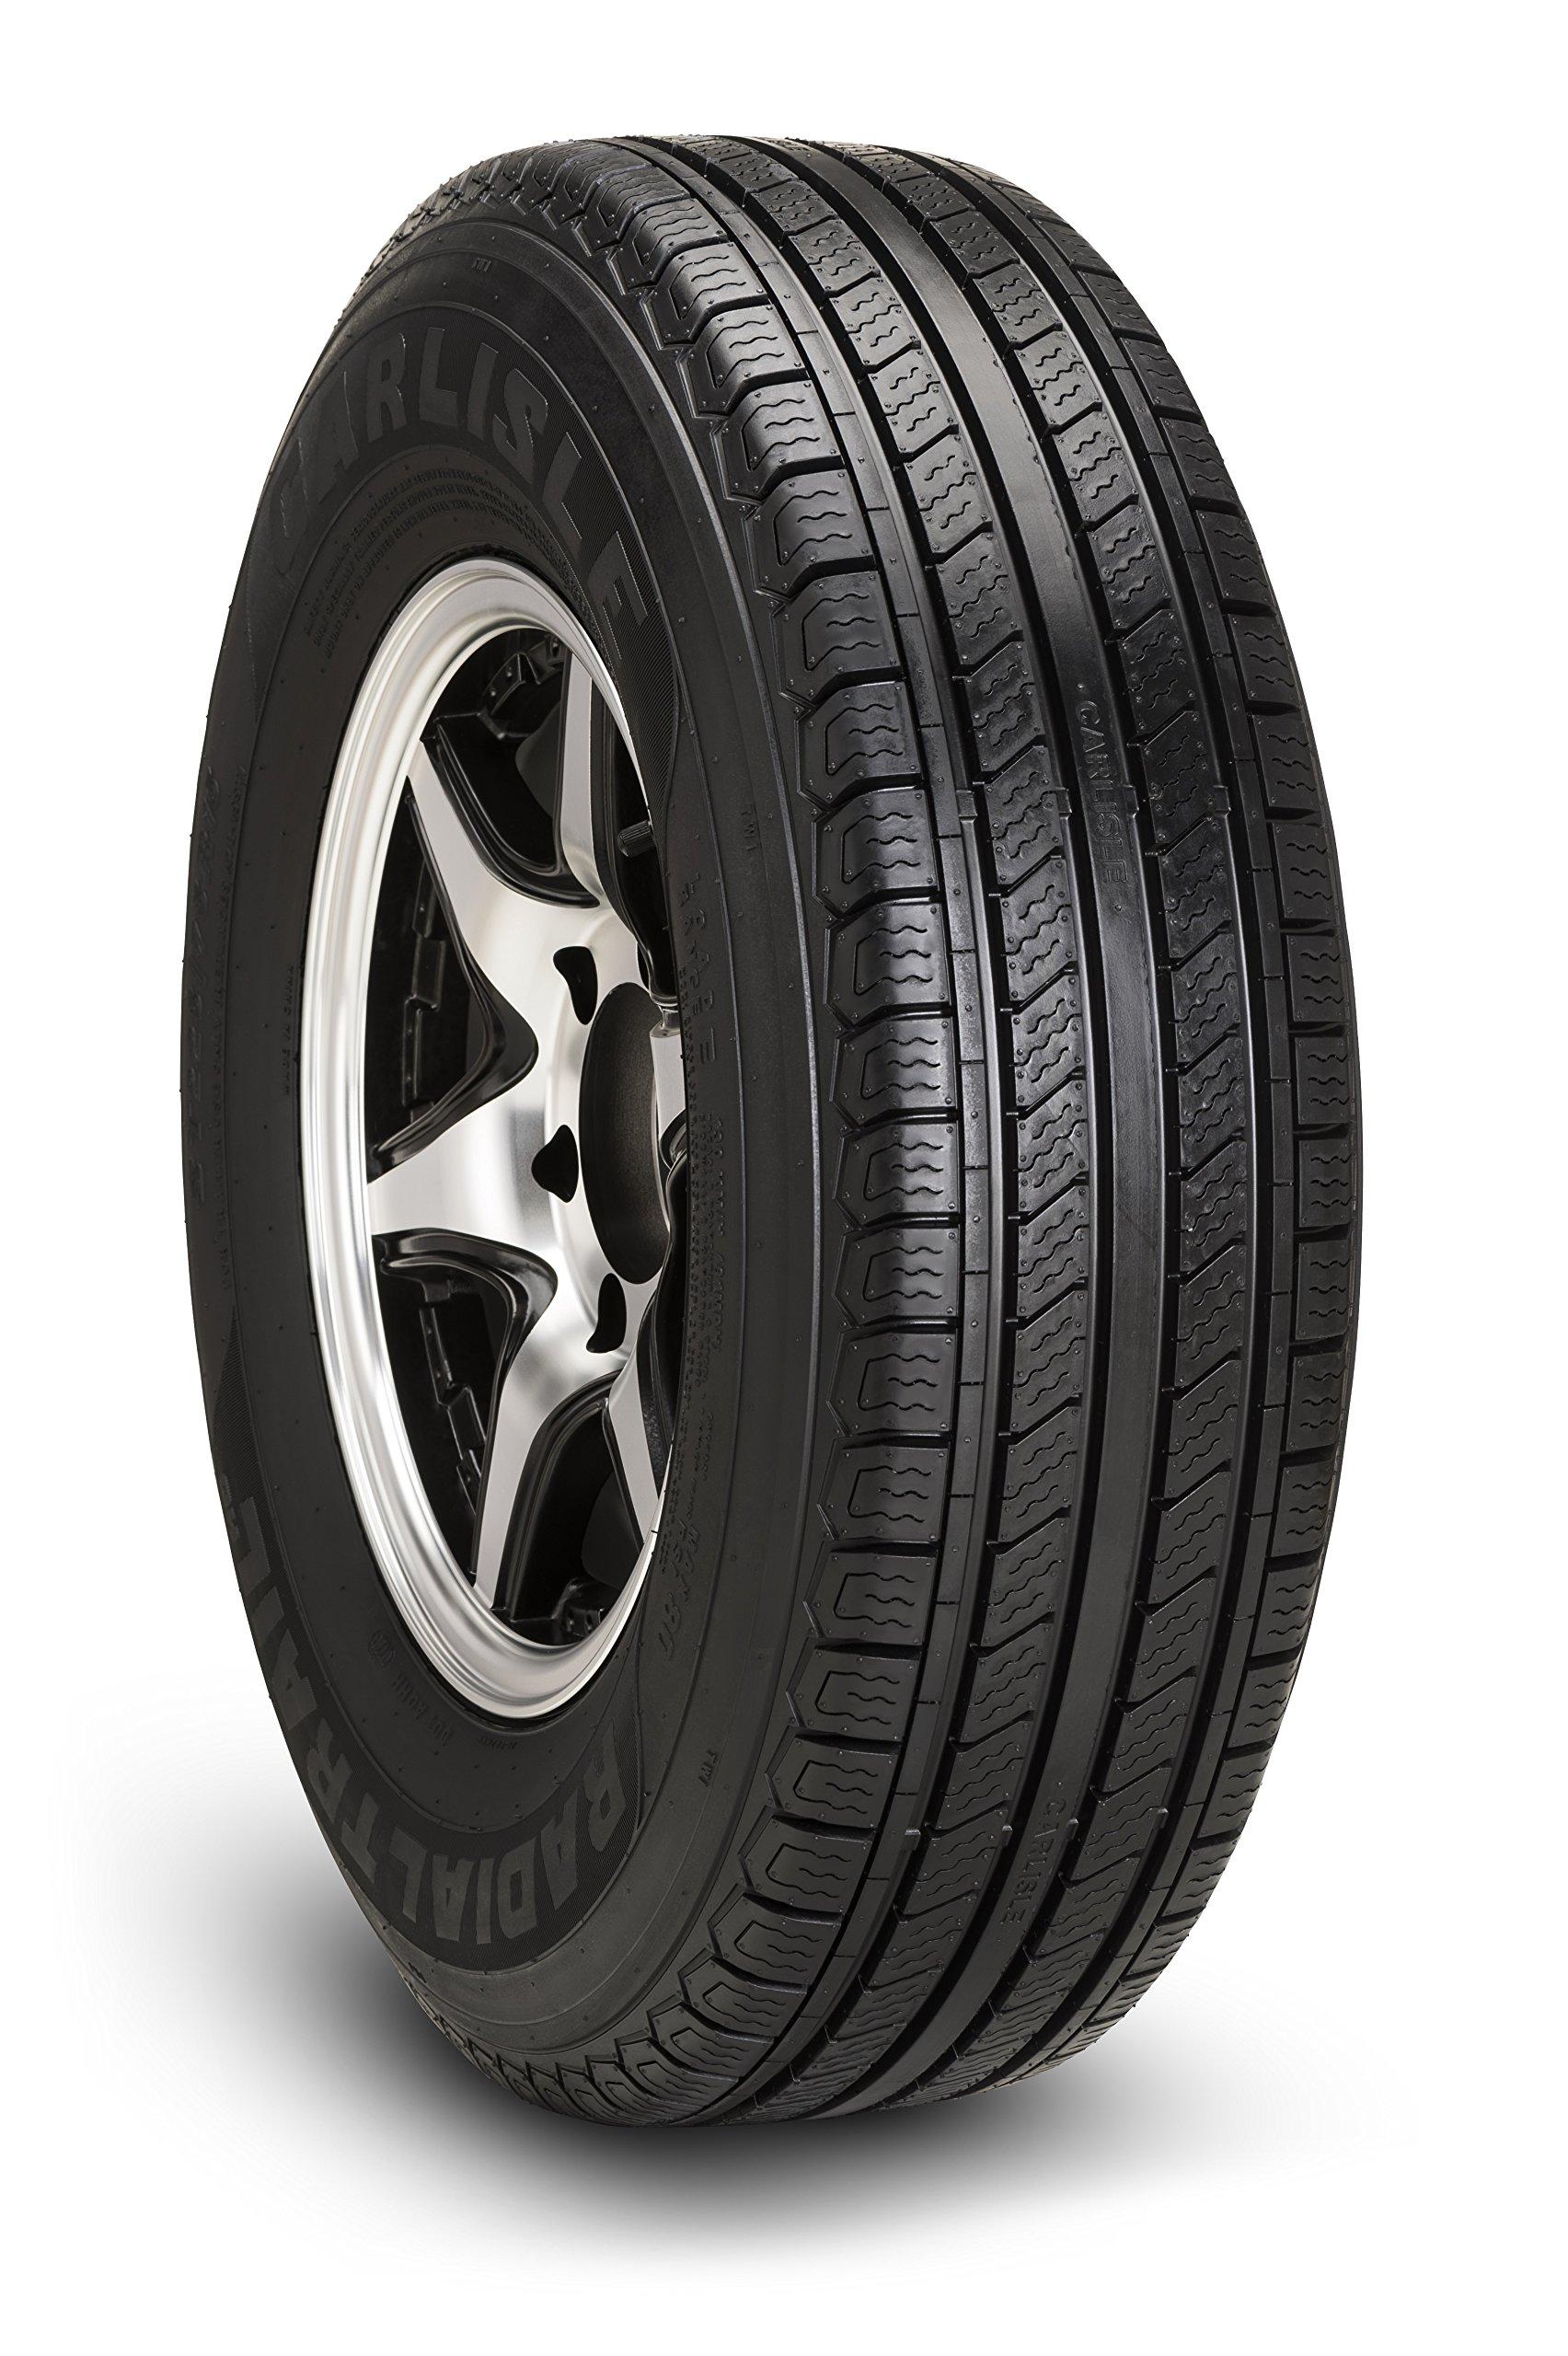 Carlisle Radial Trail HD Trailer Tire - ST175/80R13